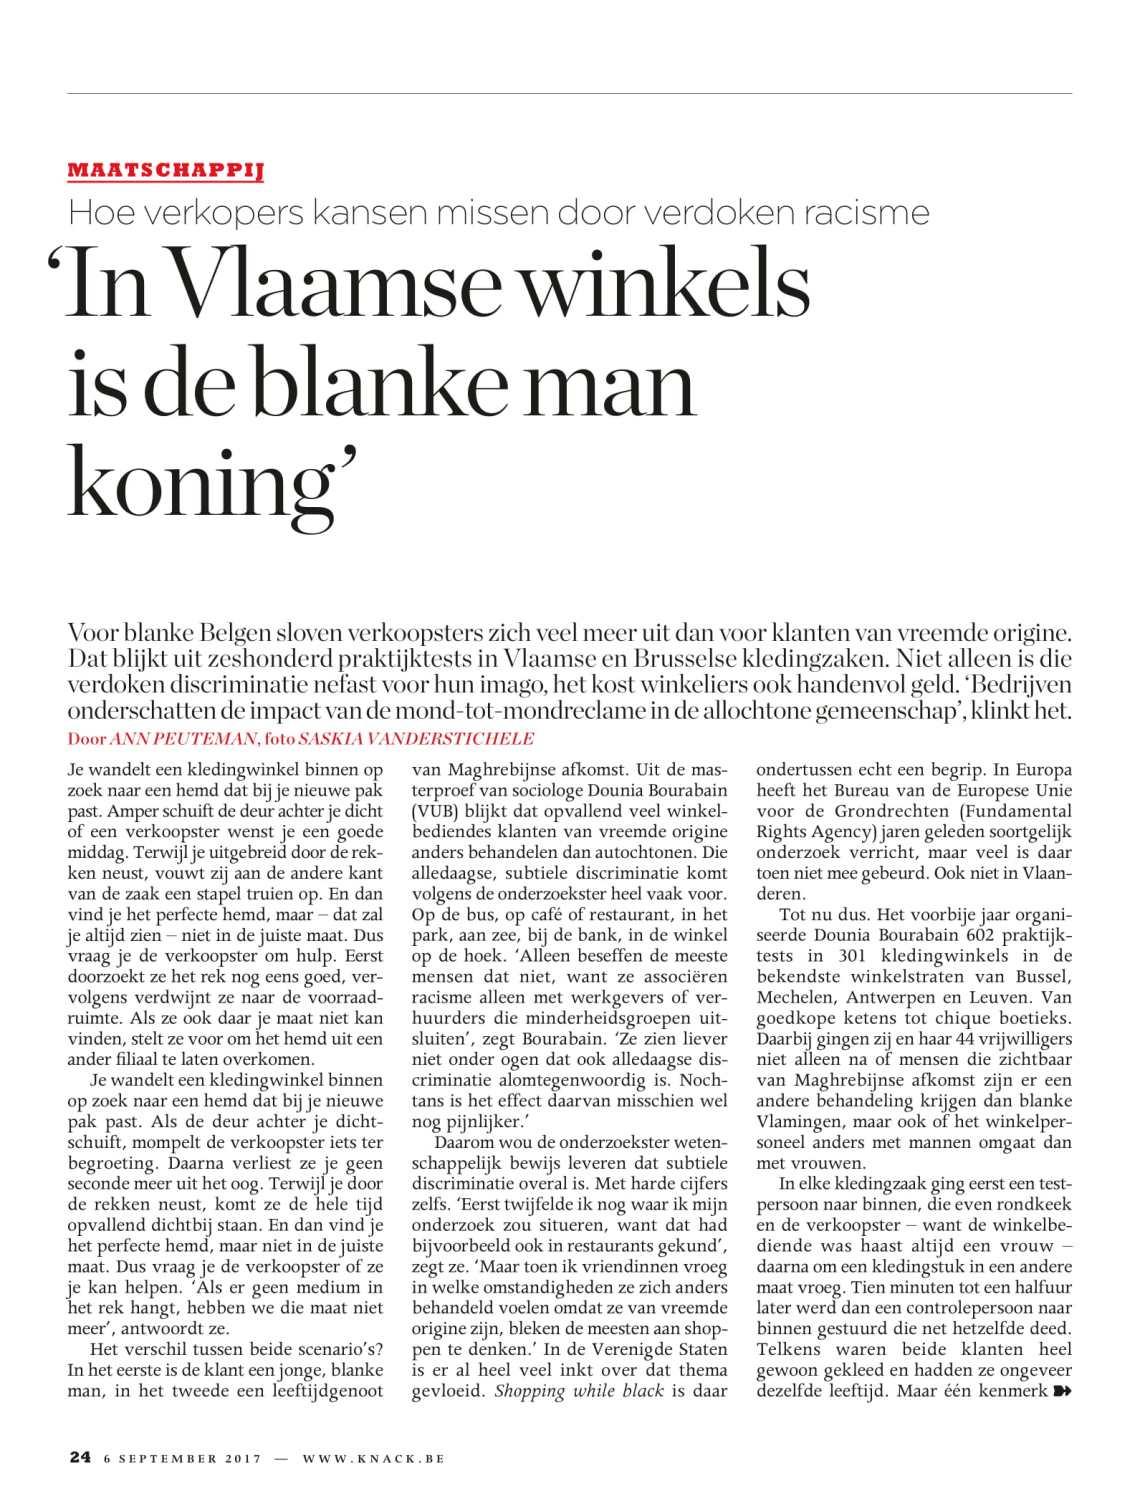 20170906_Knack-Knack_p-24_In-Vlaamse-winkels-is-de-blanke-man-koning-all-1